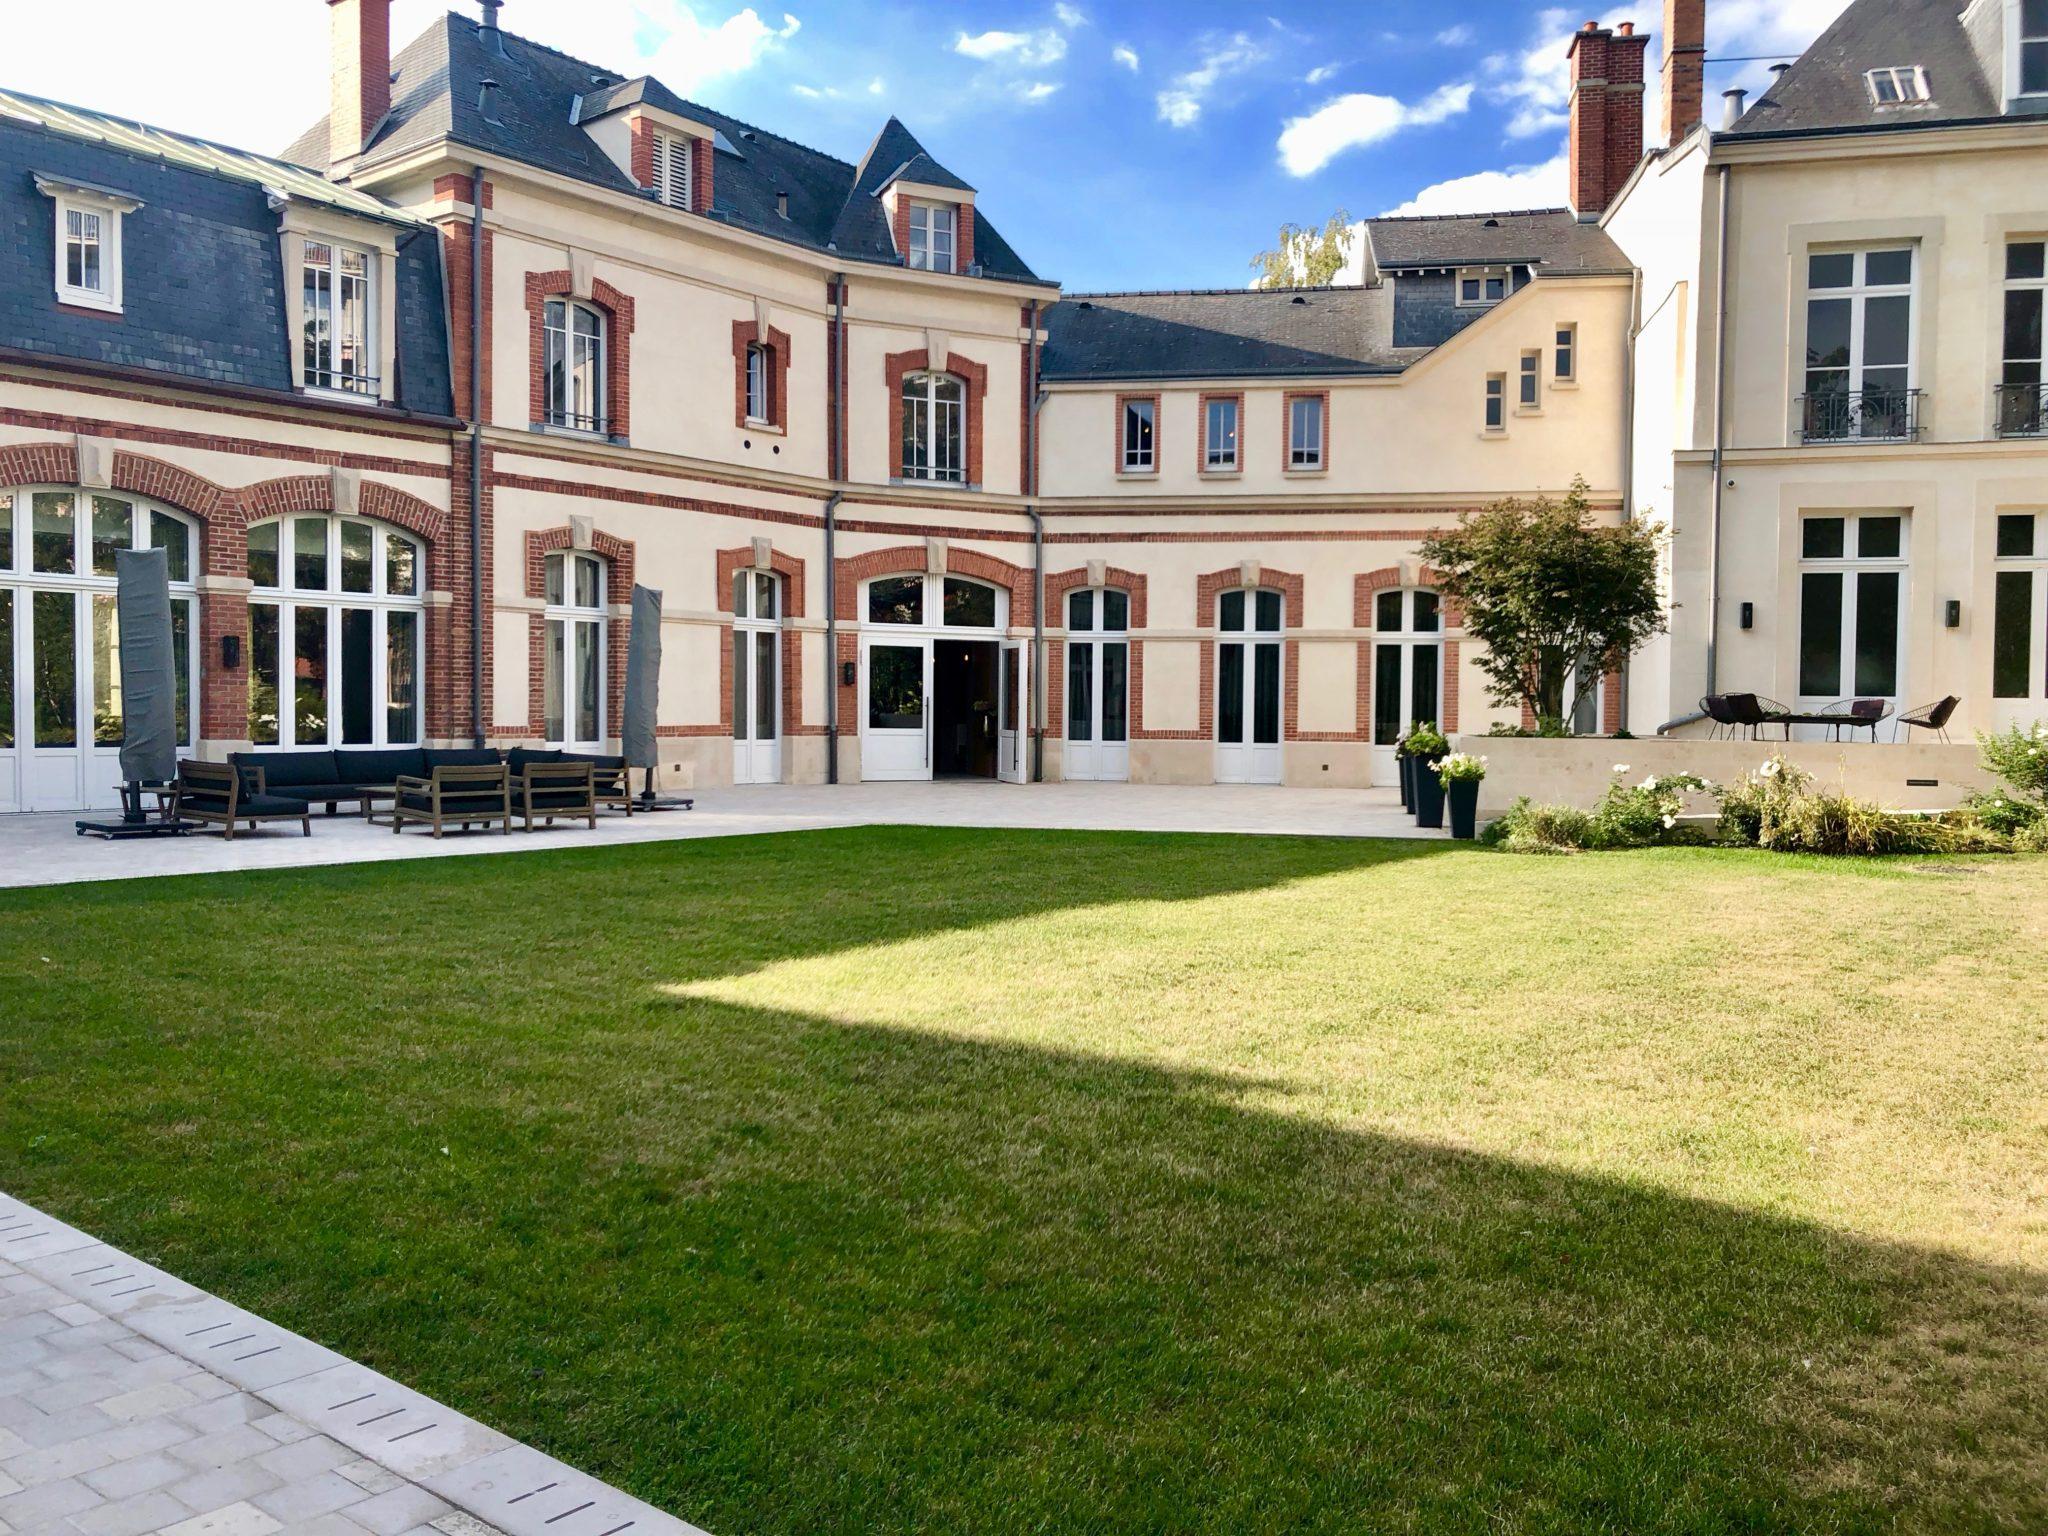 La maison Krug, un havre de paix sur le boulevard Lundy à Reims.